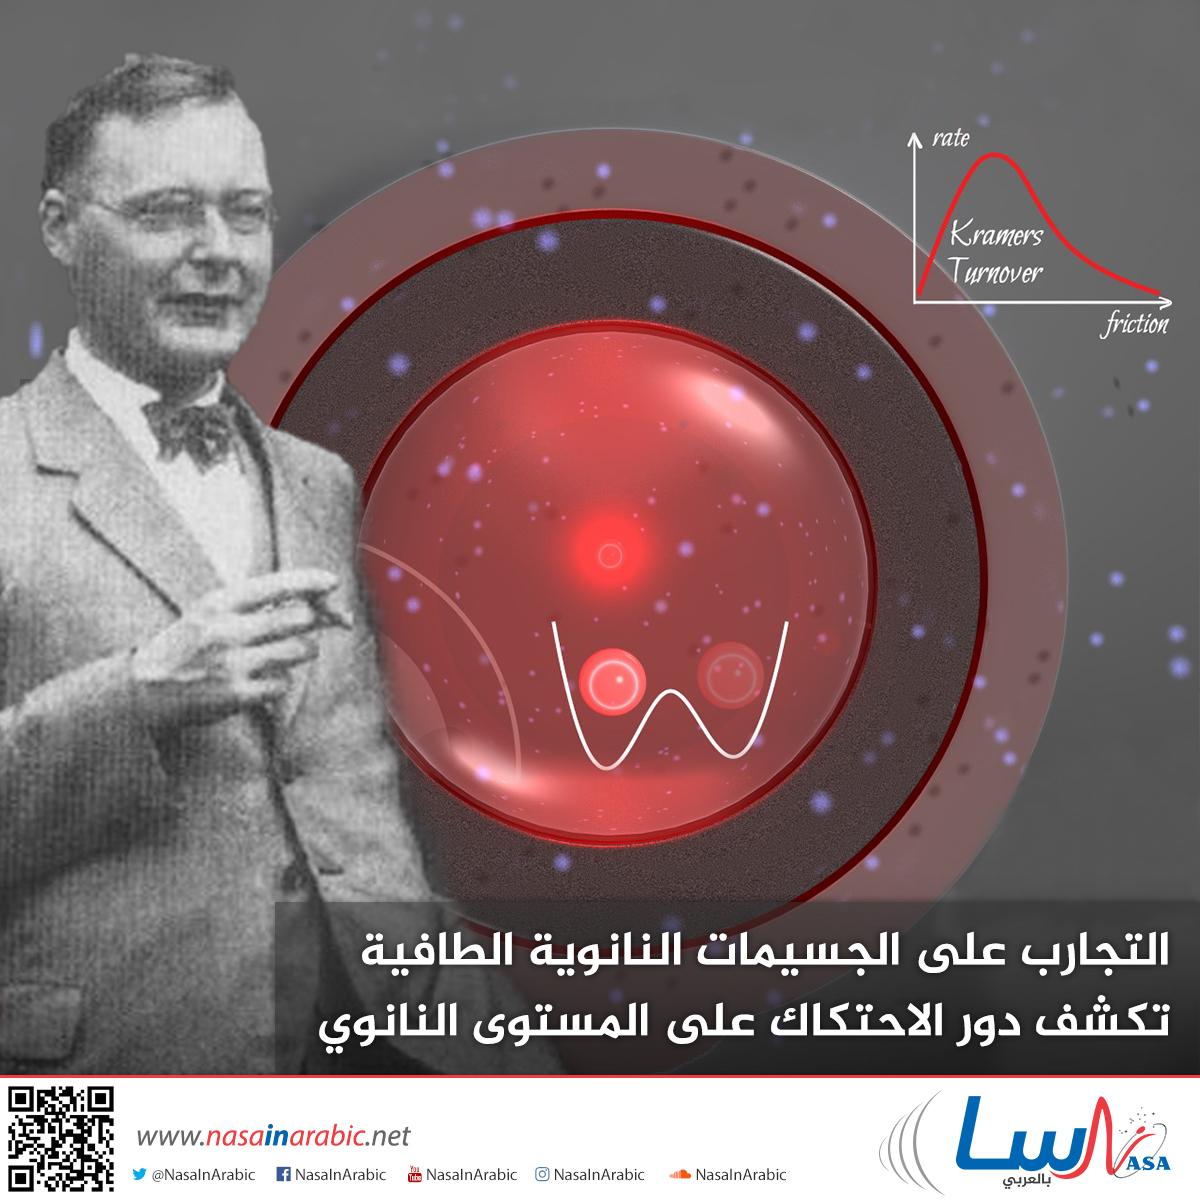 التجارب على الجسيمات النانوية الطافية تكشف دور الاحتكاك على المستوى النانوي